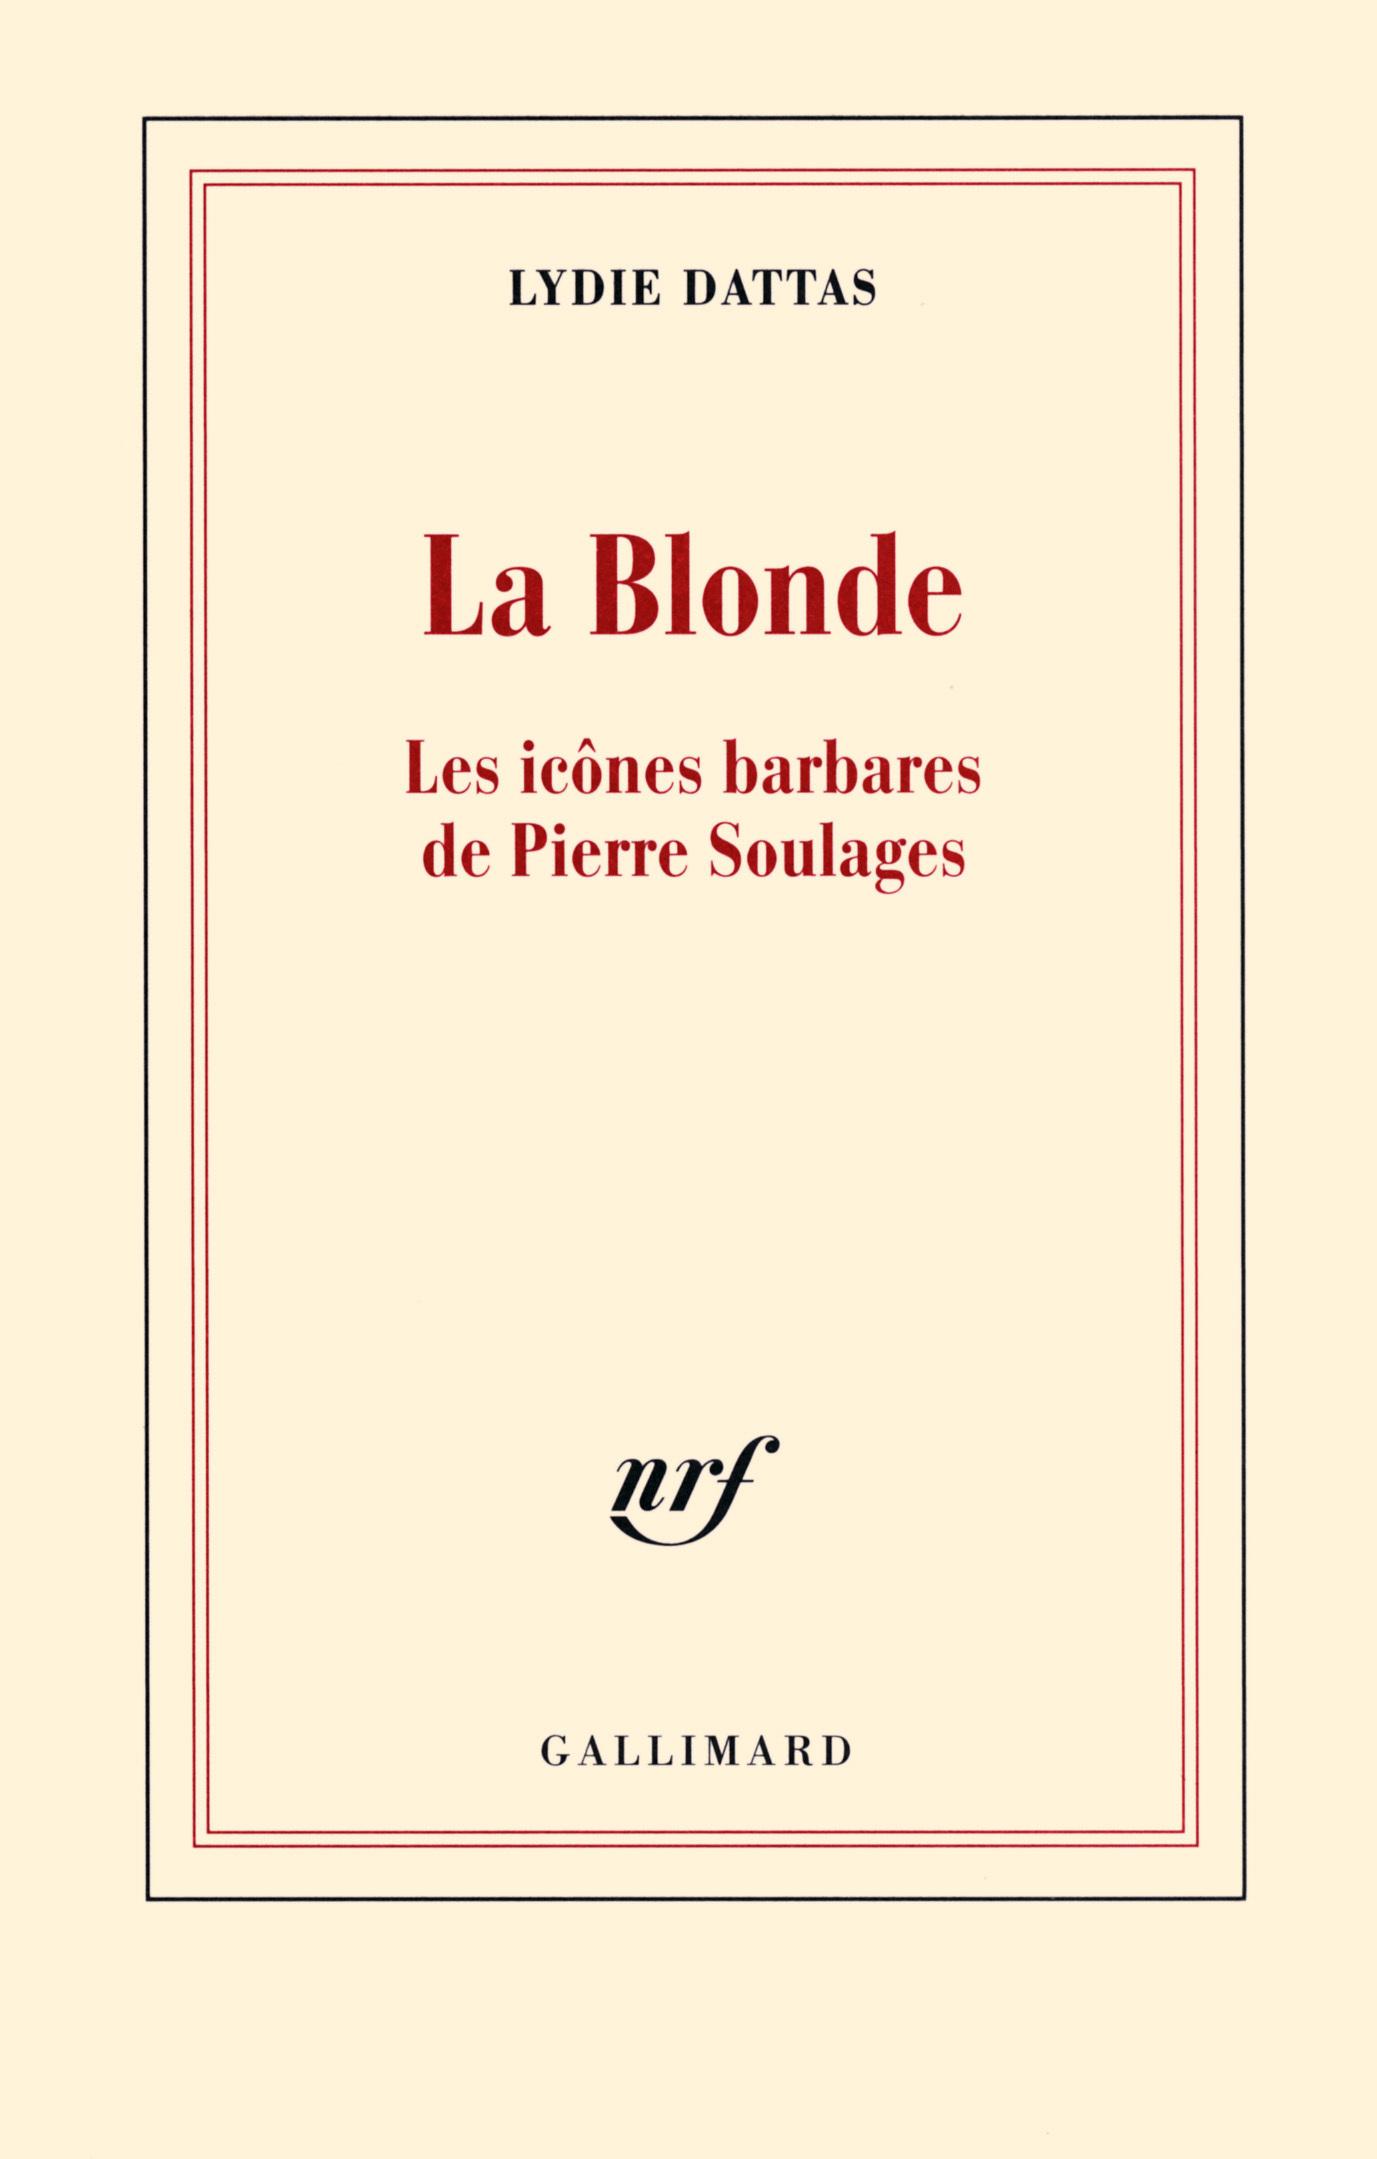 La Blonde. Les icônes barbares de Pierre Soulages